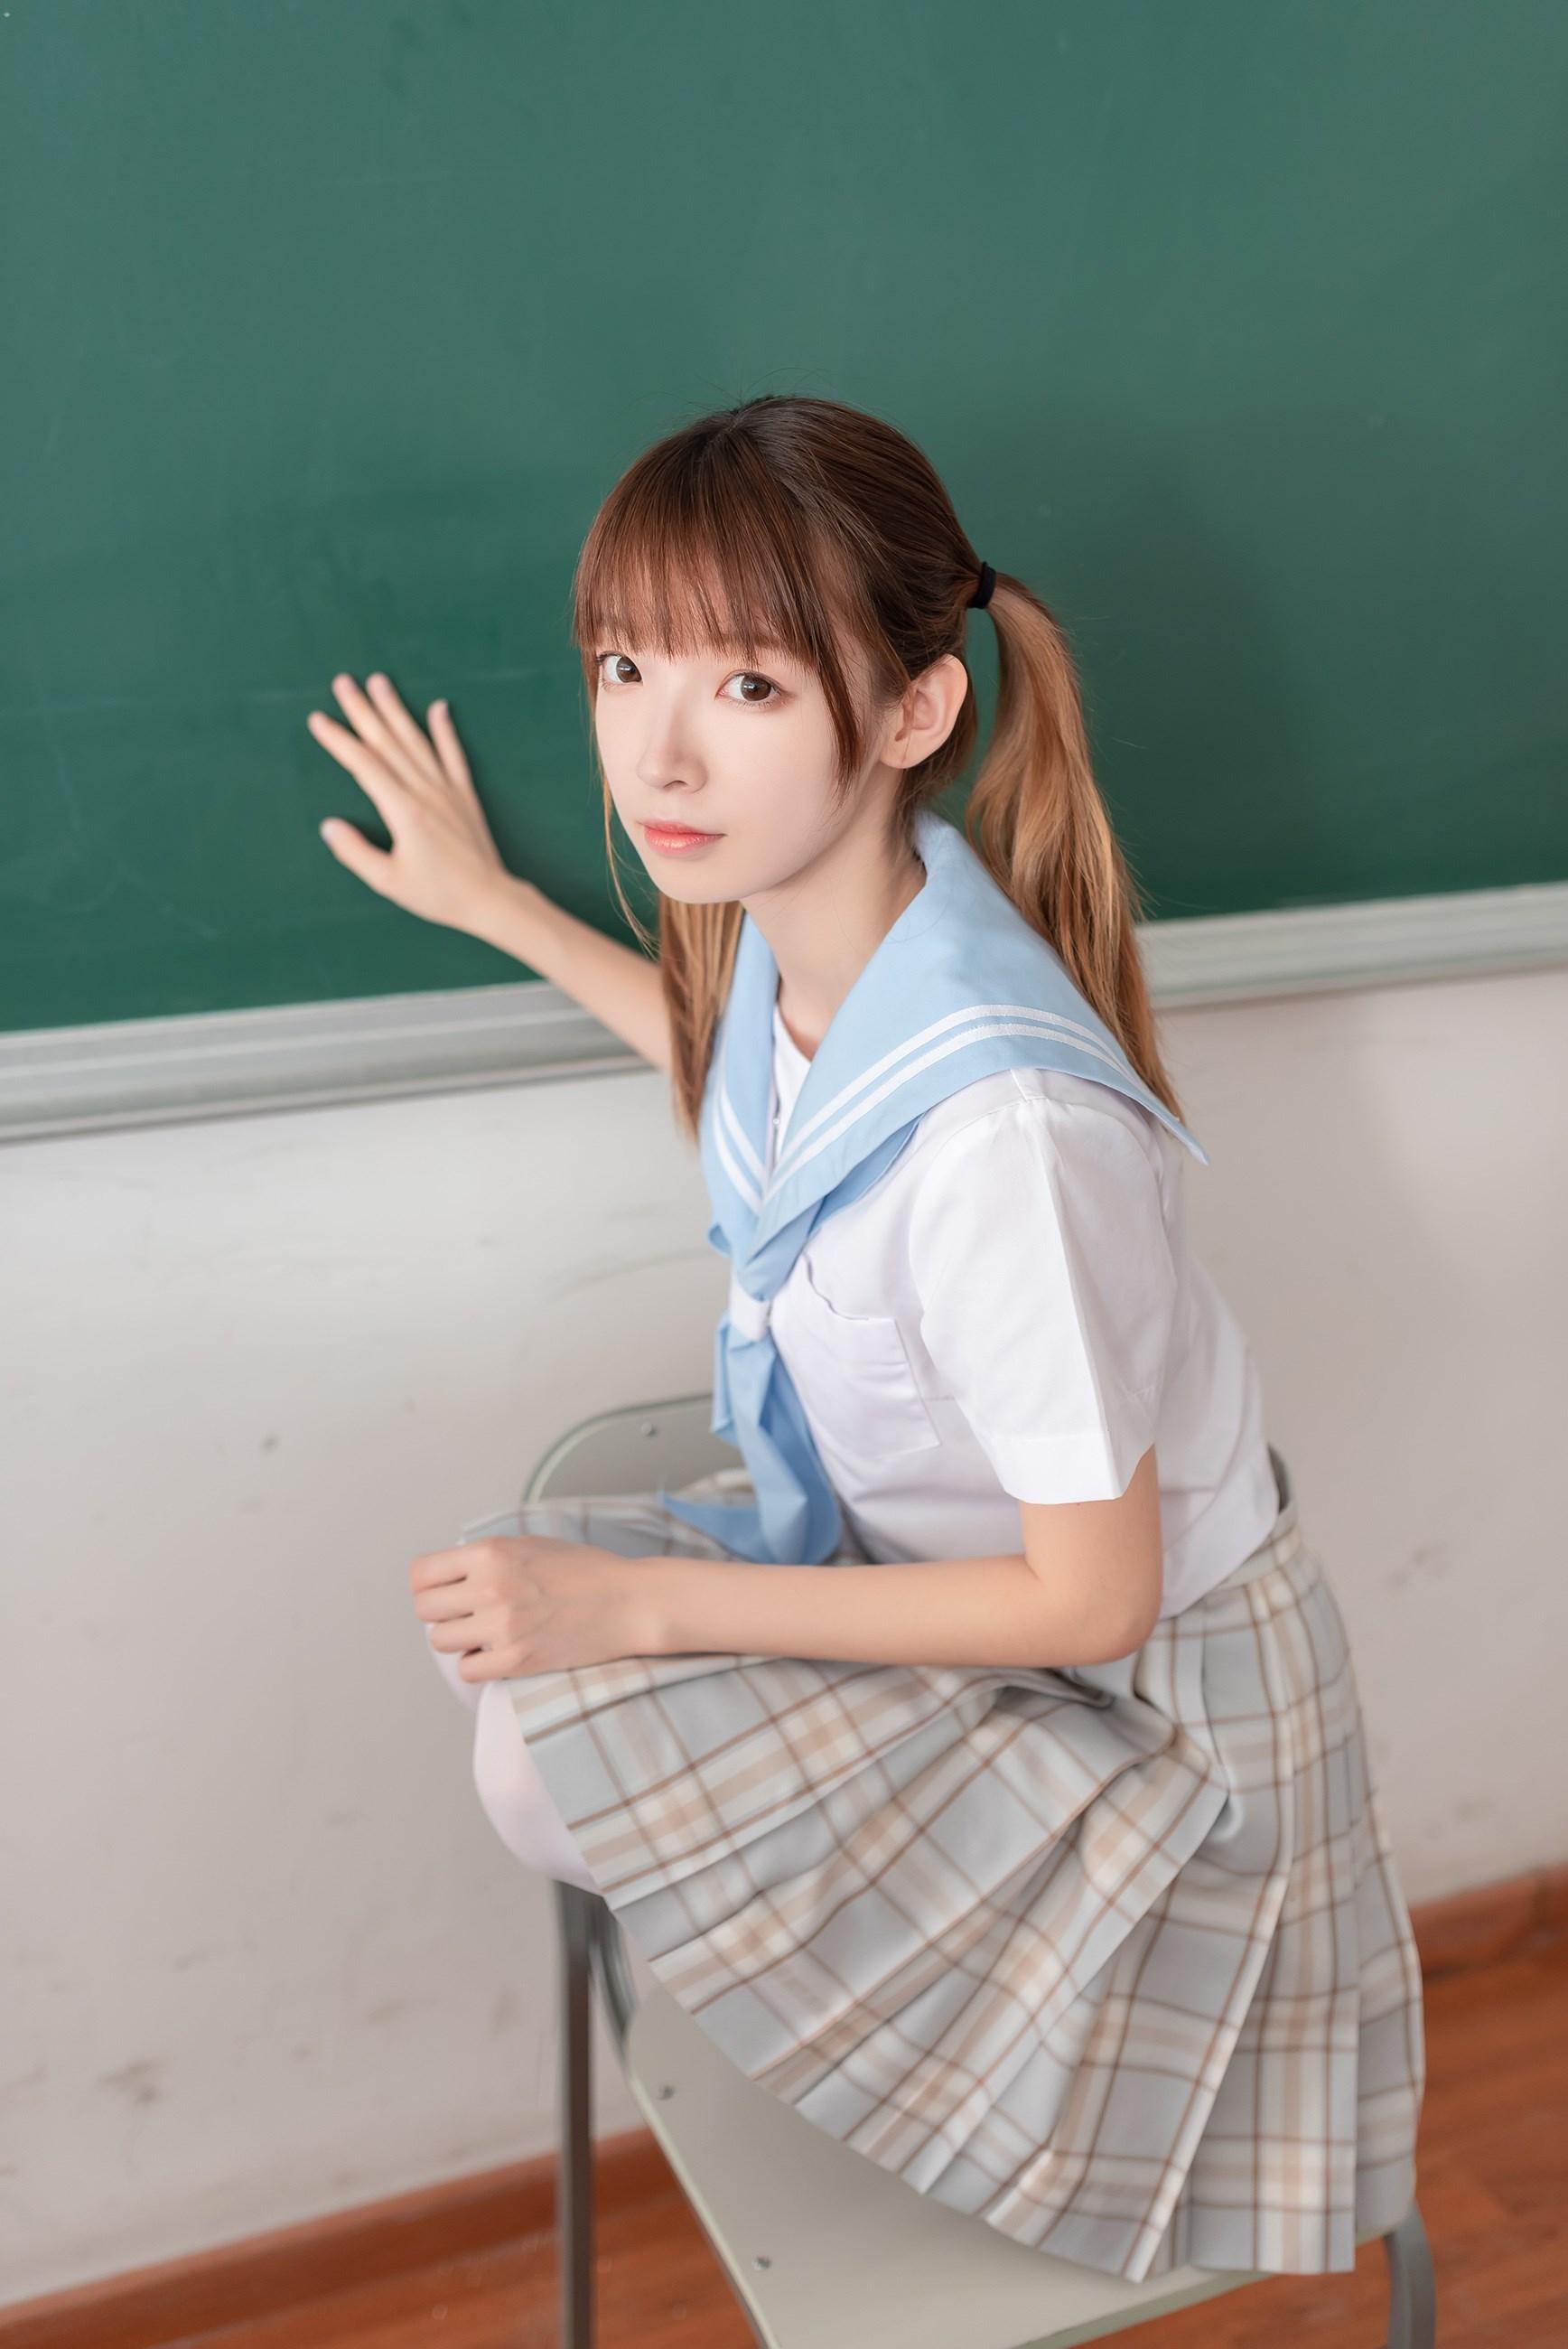 【兔玩映画】不要躺在课桌上 兔玩映画 第14张